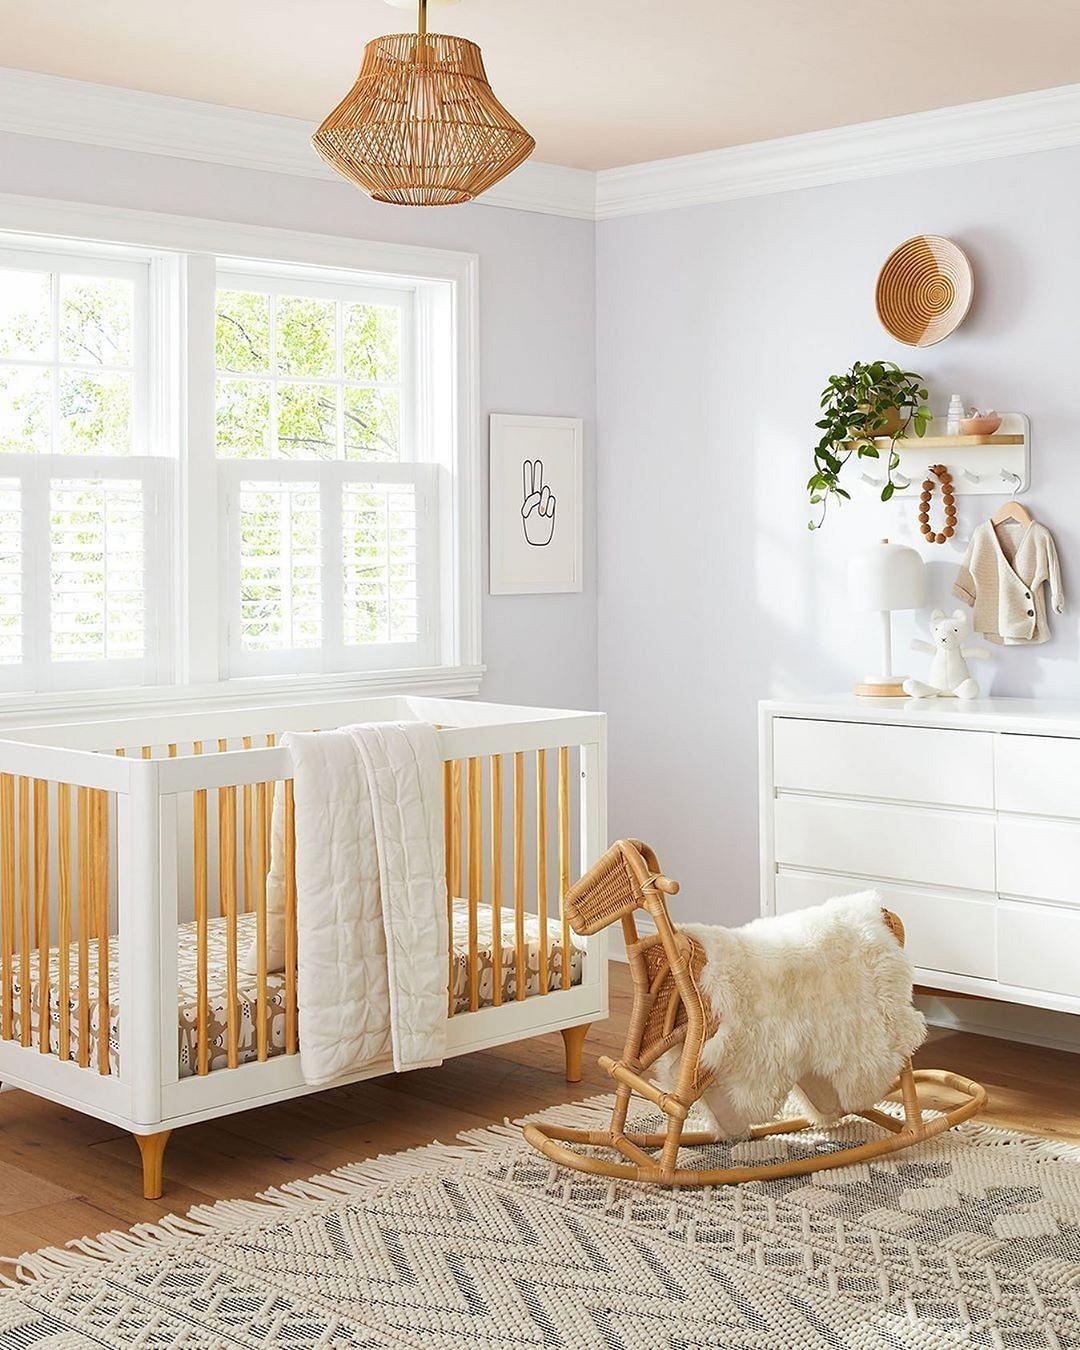 Чем можно покрасить кроватку новорожденного: выбор безопасного покрытия для реставрации старой деревянной кровати